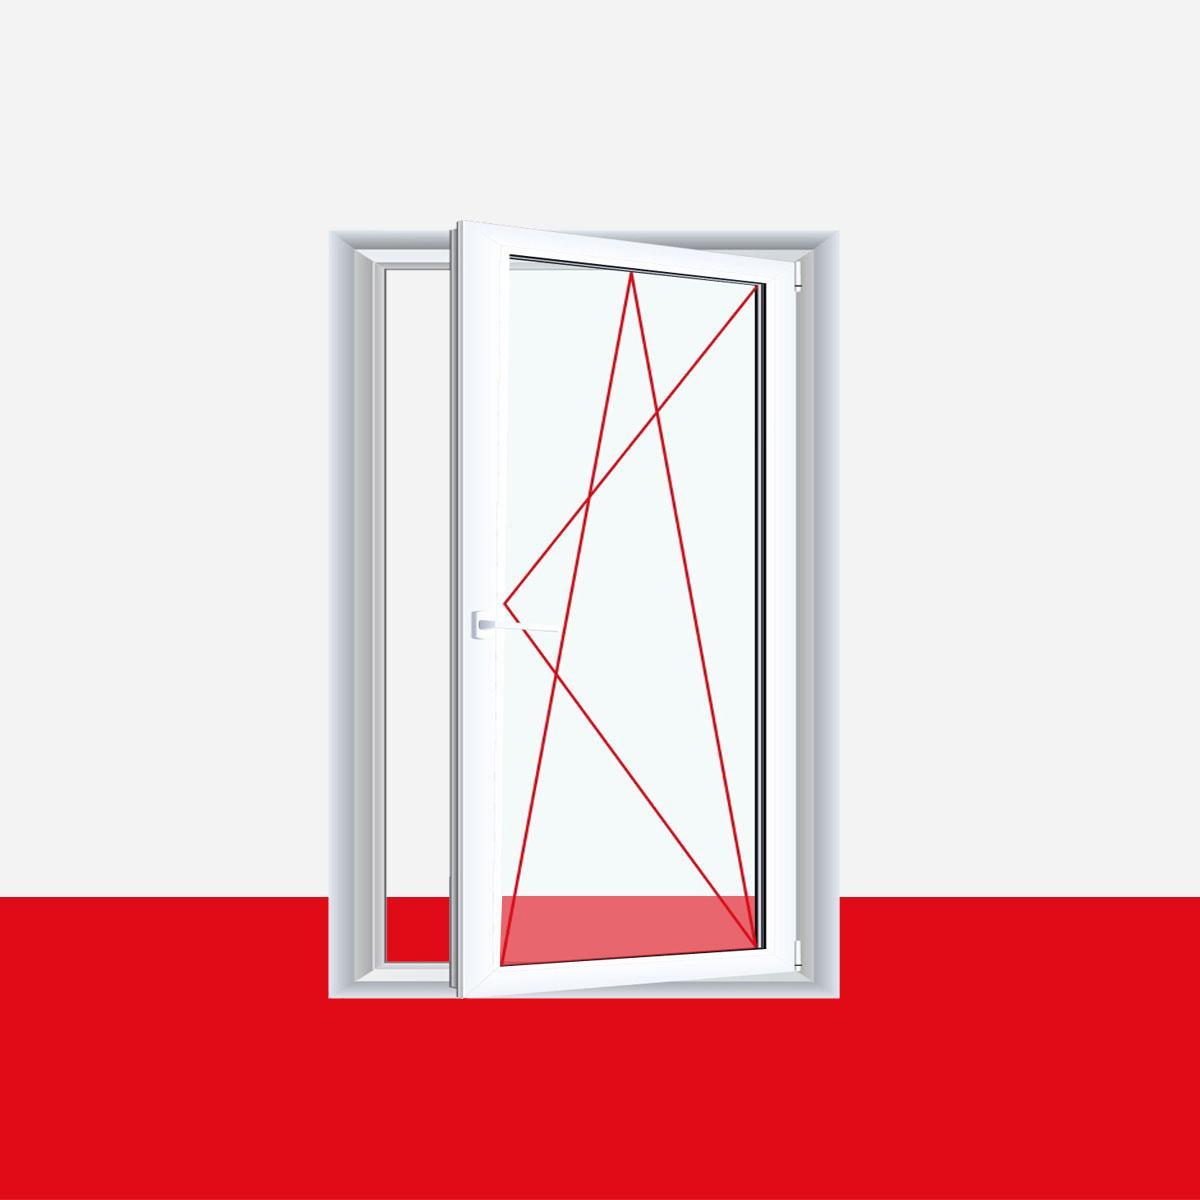 kunststofffenster badfenster ornament delta weiss shop fenster badfenster ornamentfenster. Black Bedroom Furniture Sets. Home Design Ideas